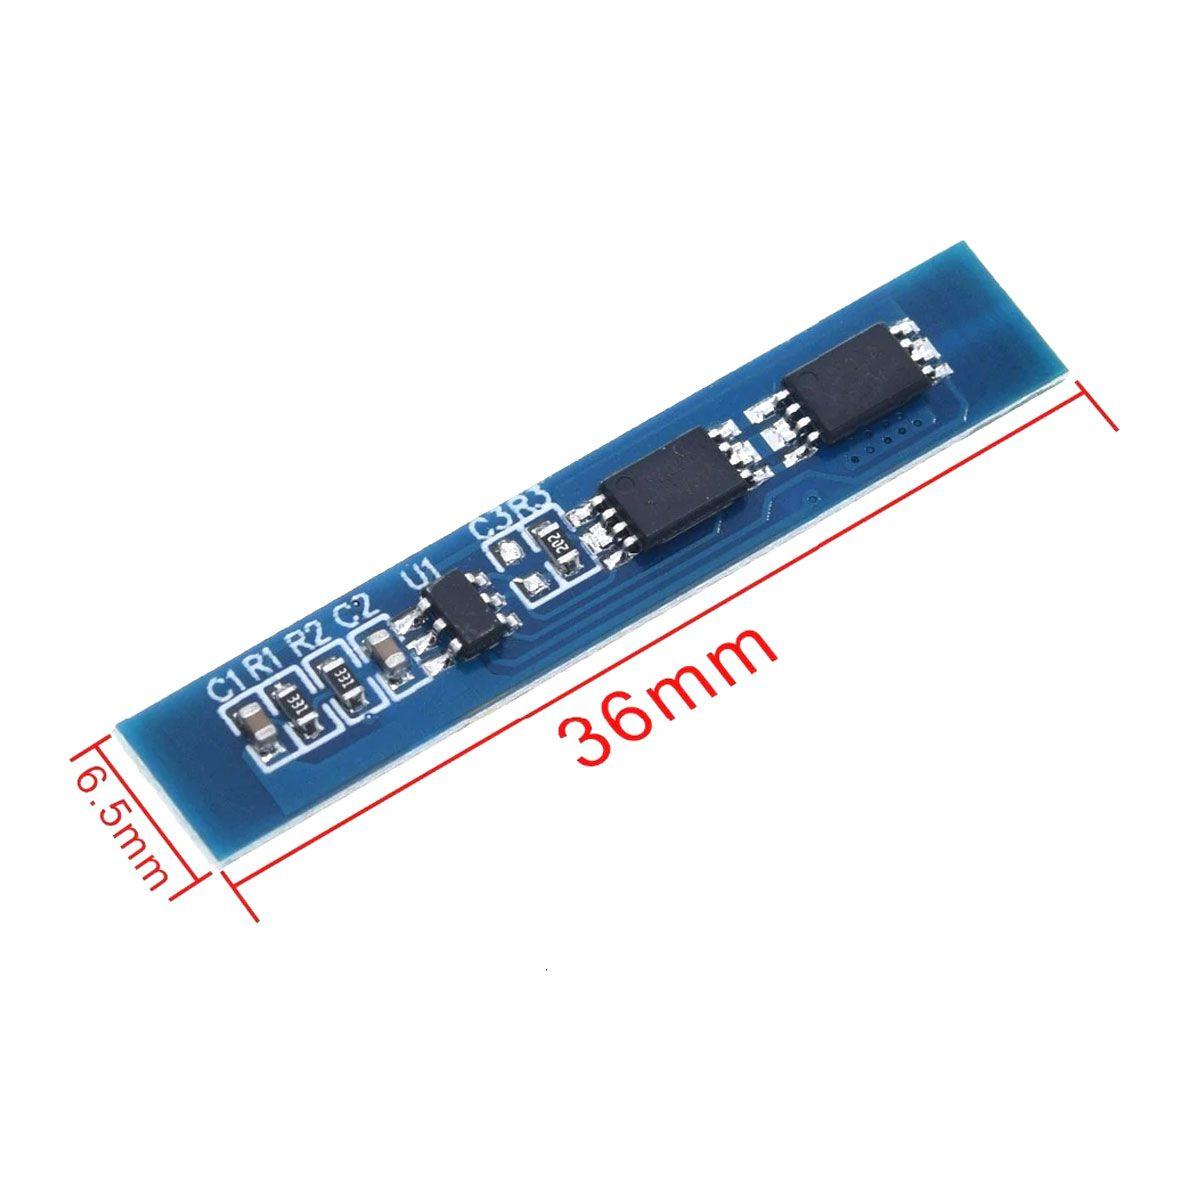 2x Carregador de Bateria Litio 2S Lipo 7A c/ Proteção de Carga e Descarga BMS